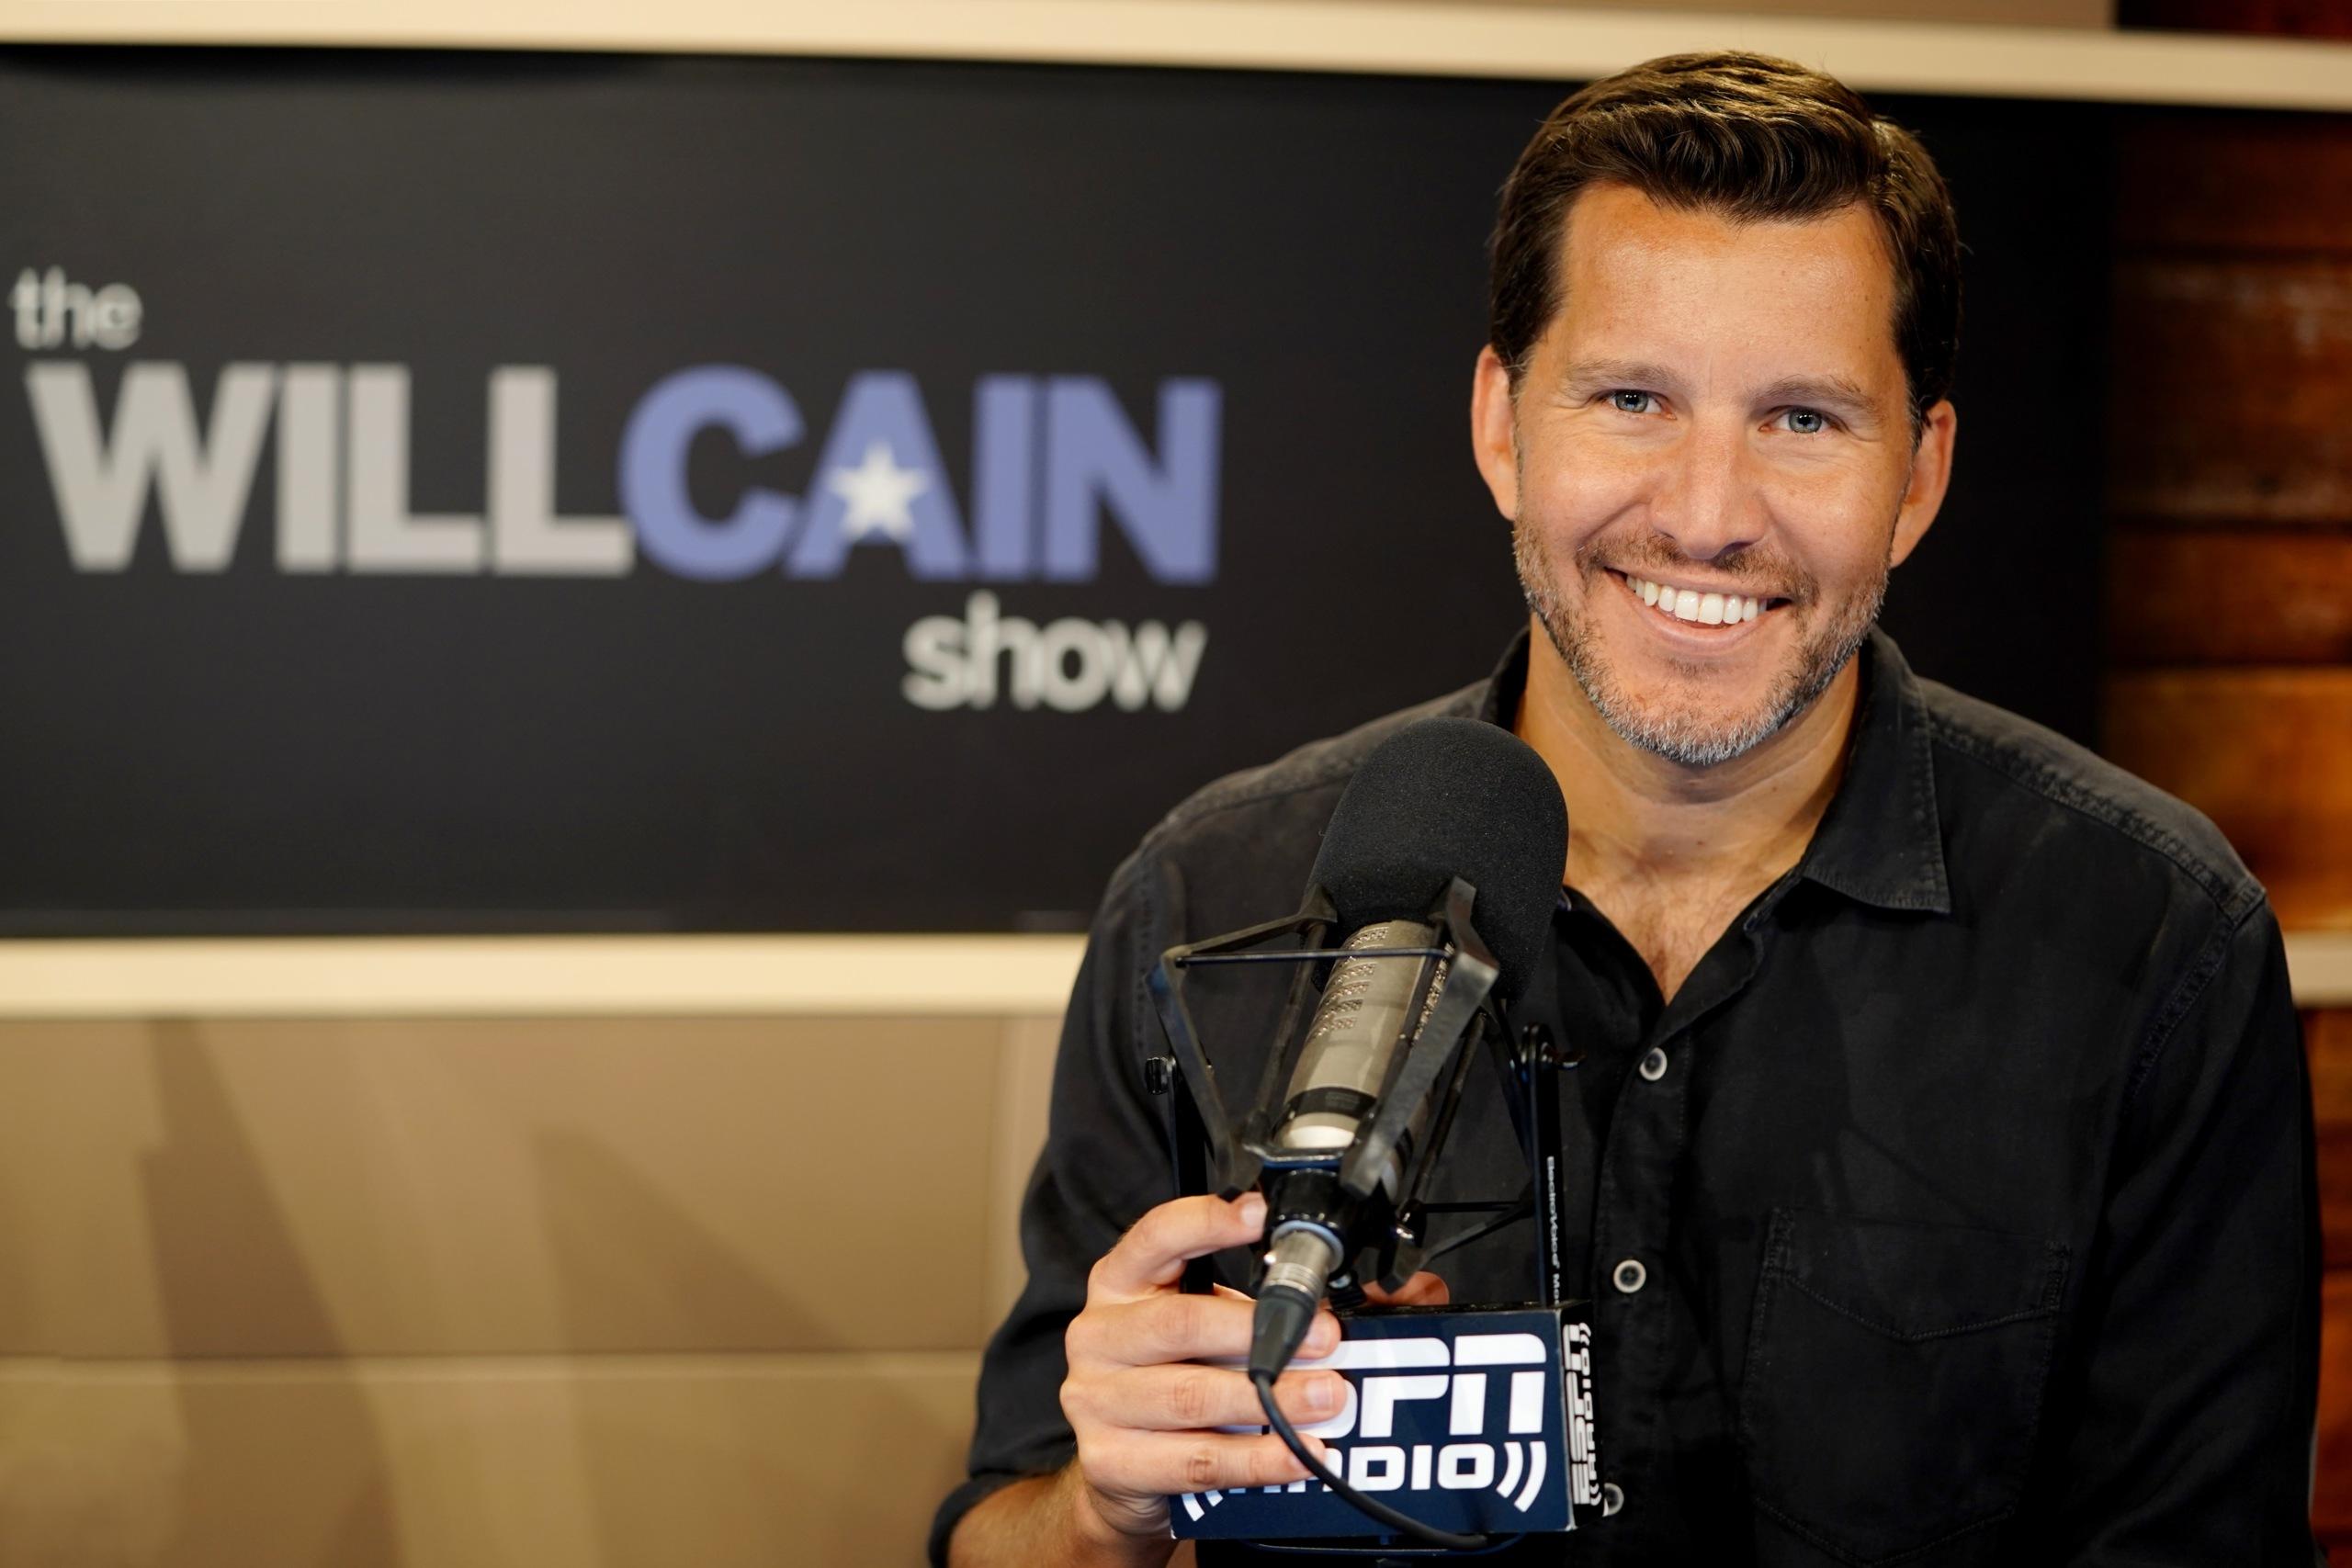 Will Cain